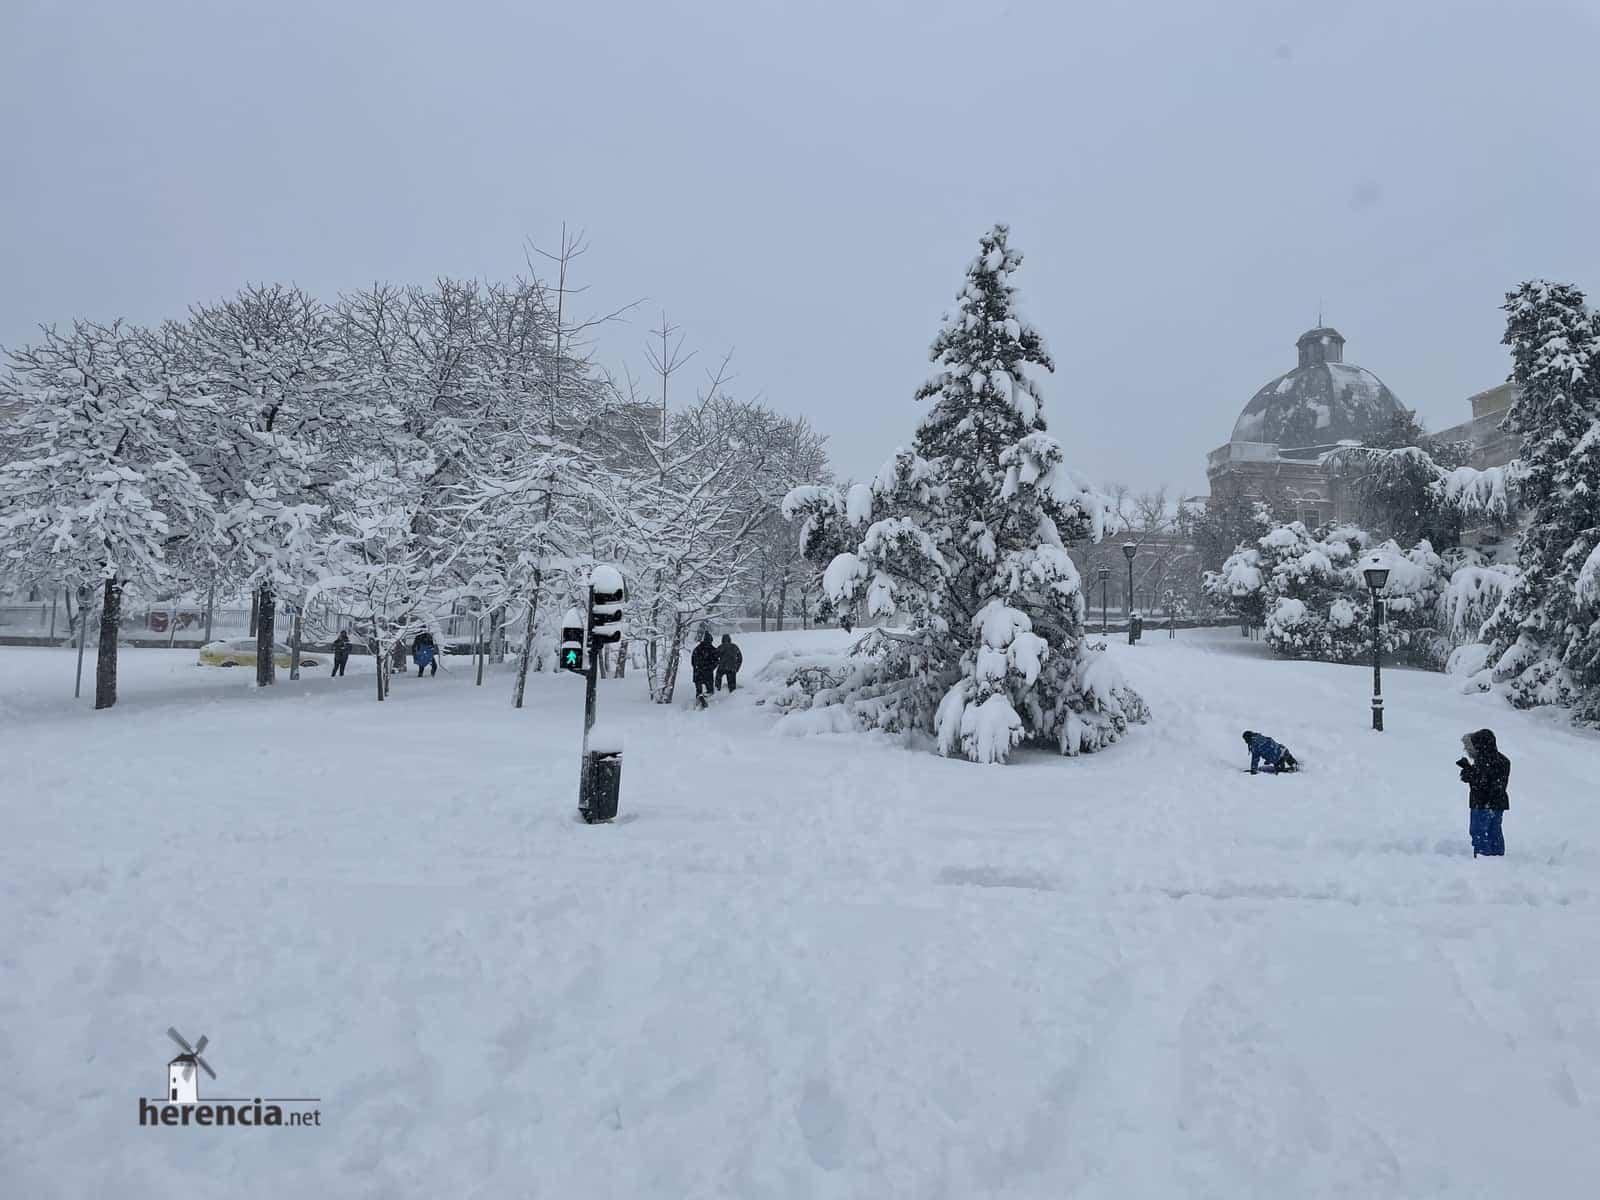 Más fotografías de las nieves de 2021 en Herencia 164